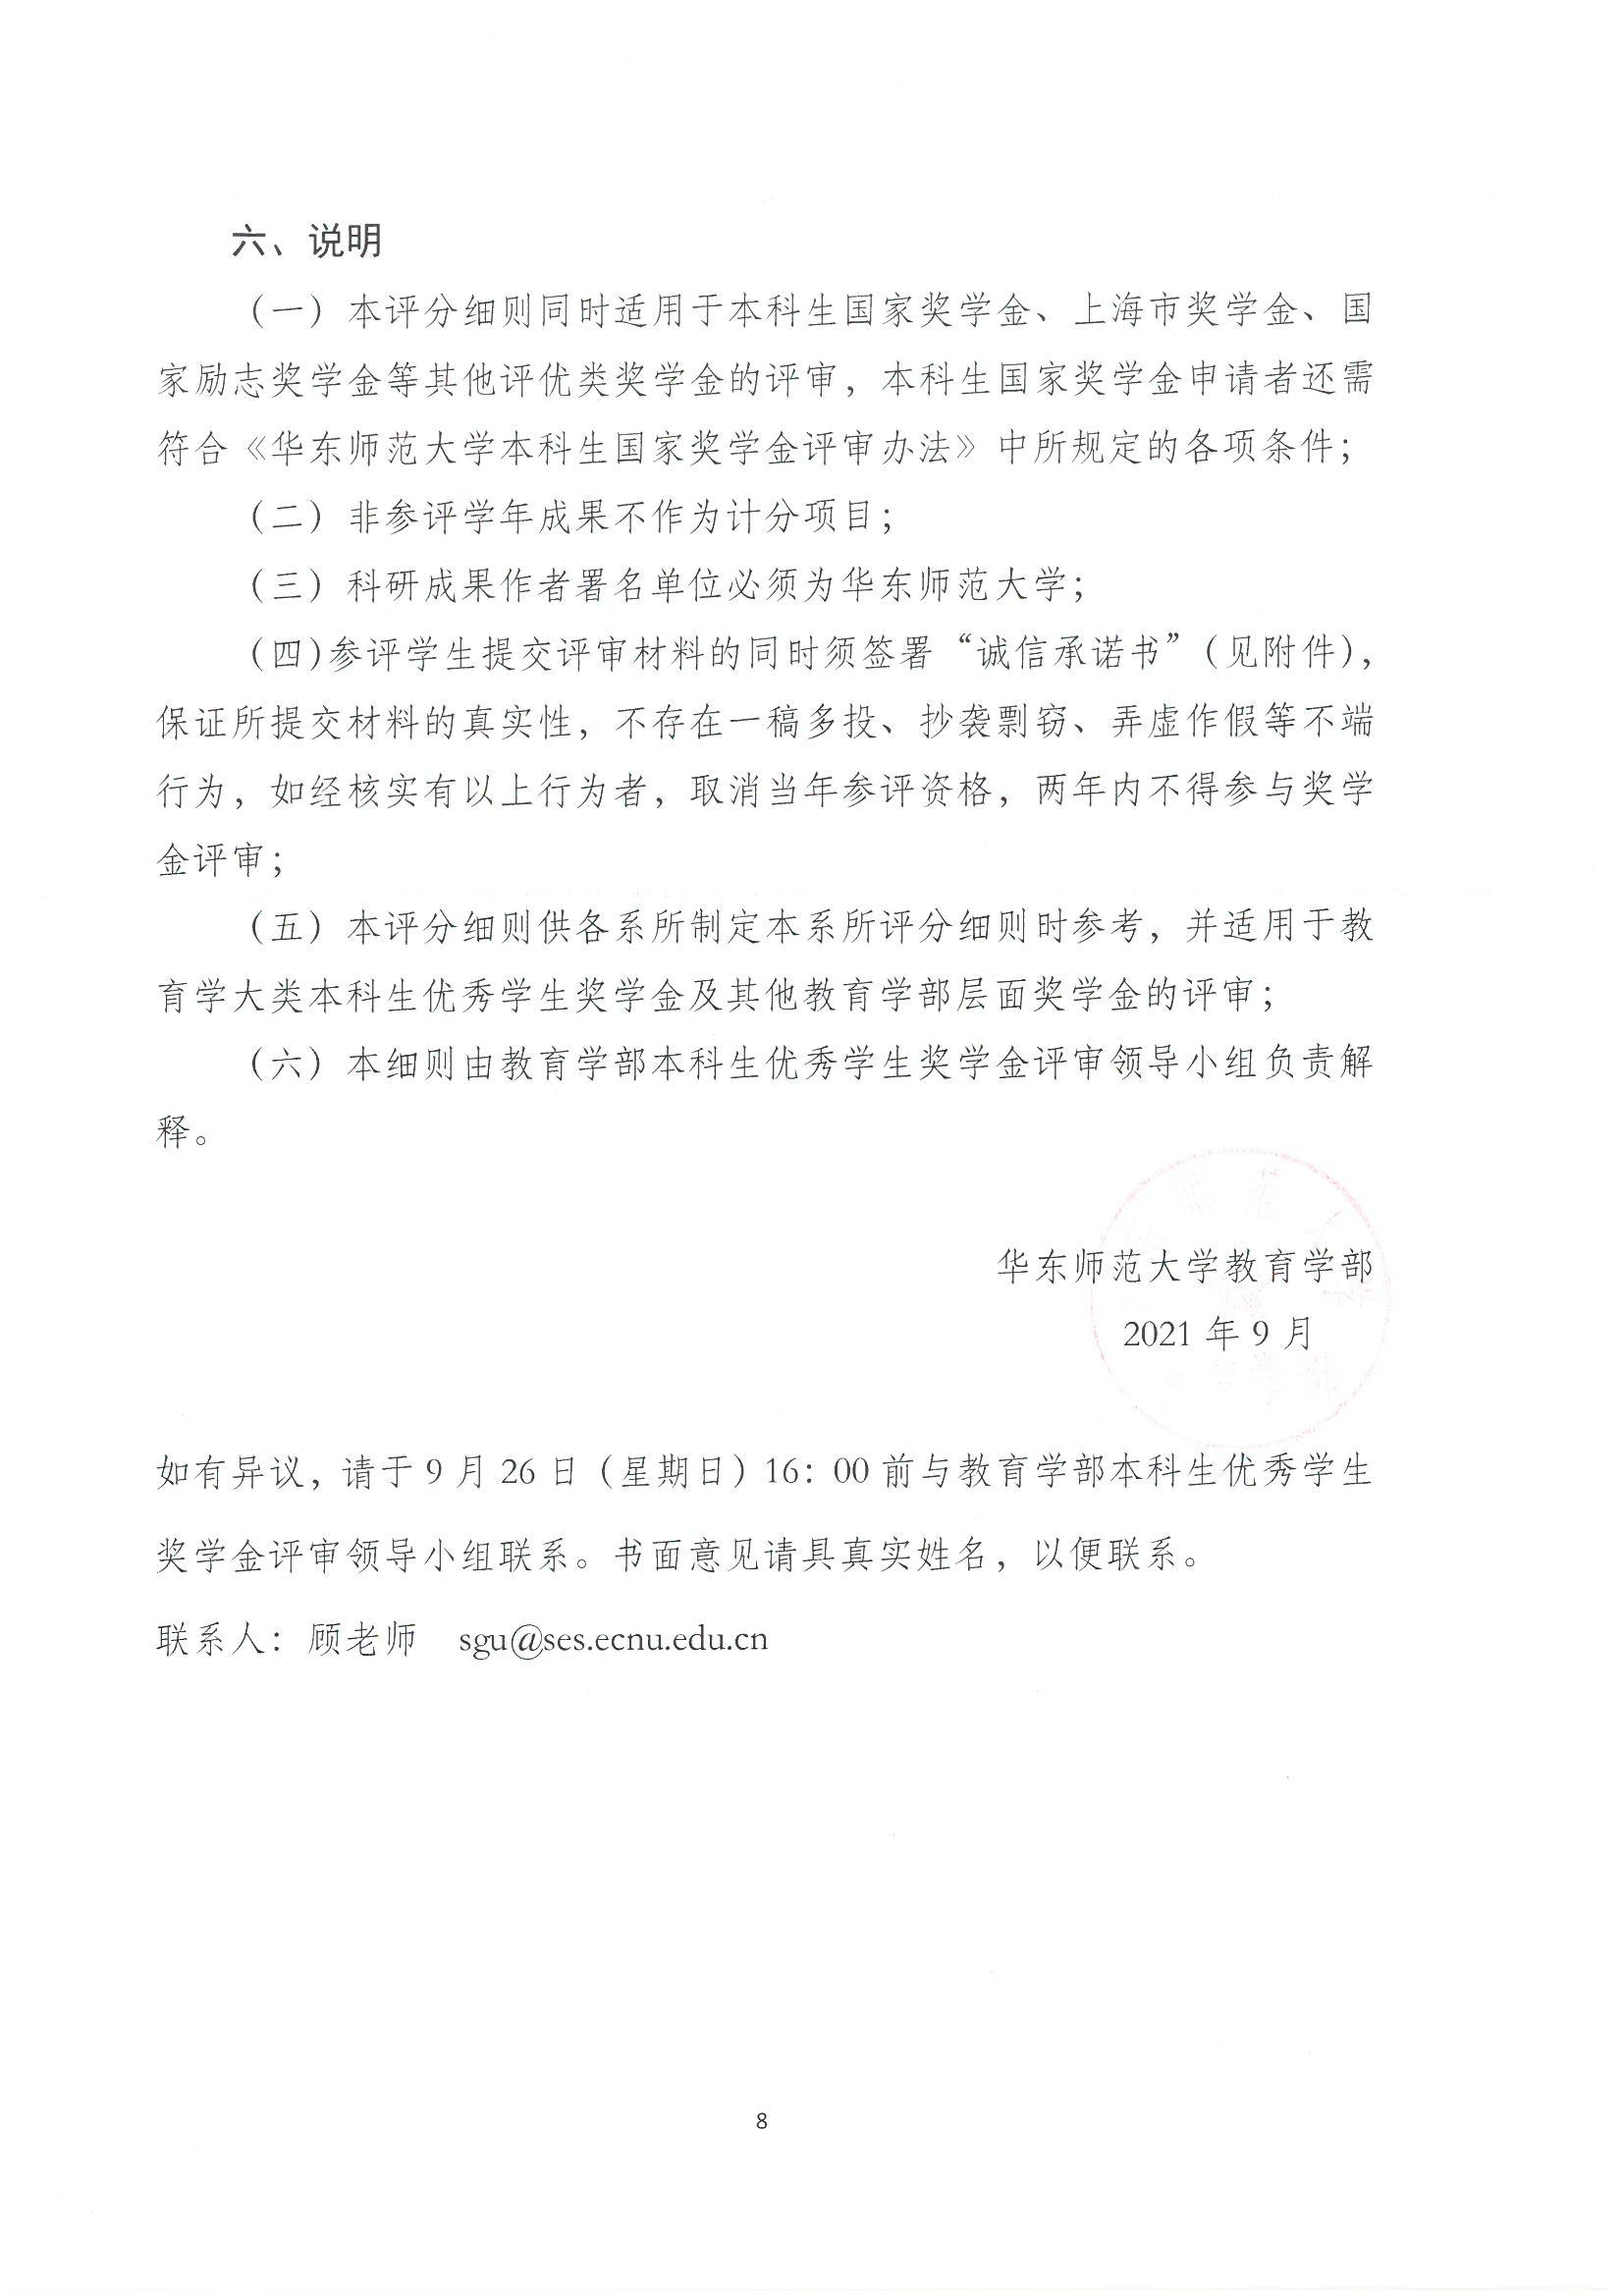 华东师范大学教育学部本科生优秀学生奖学金评审实施细则